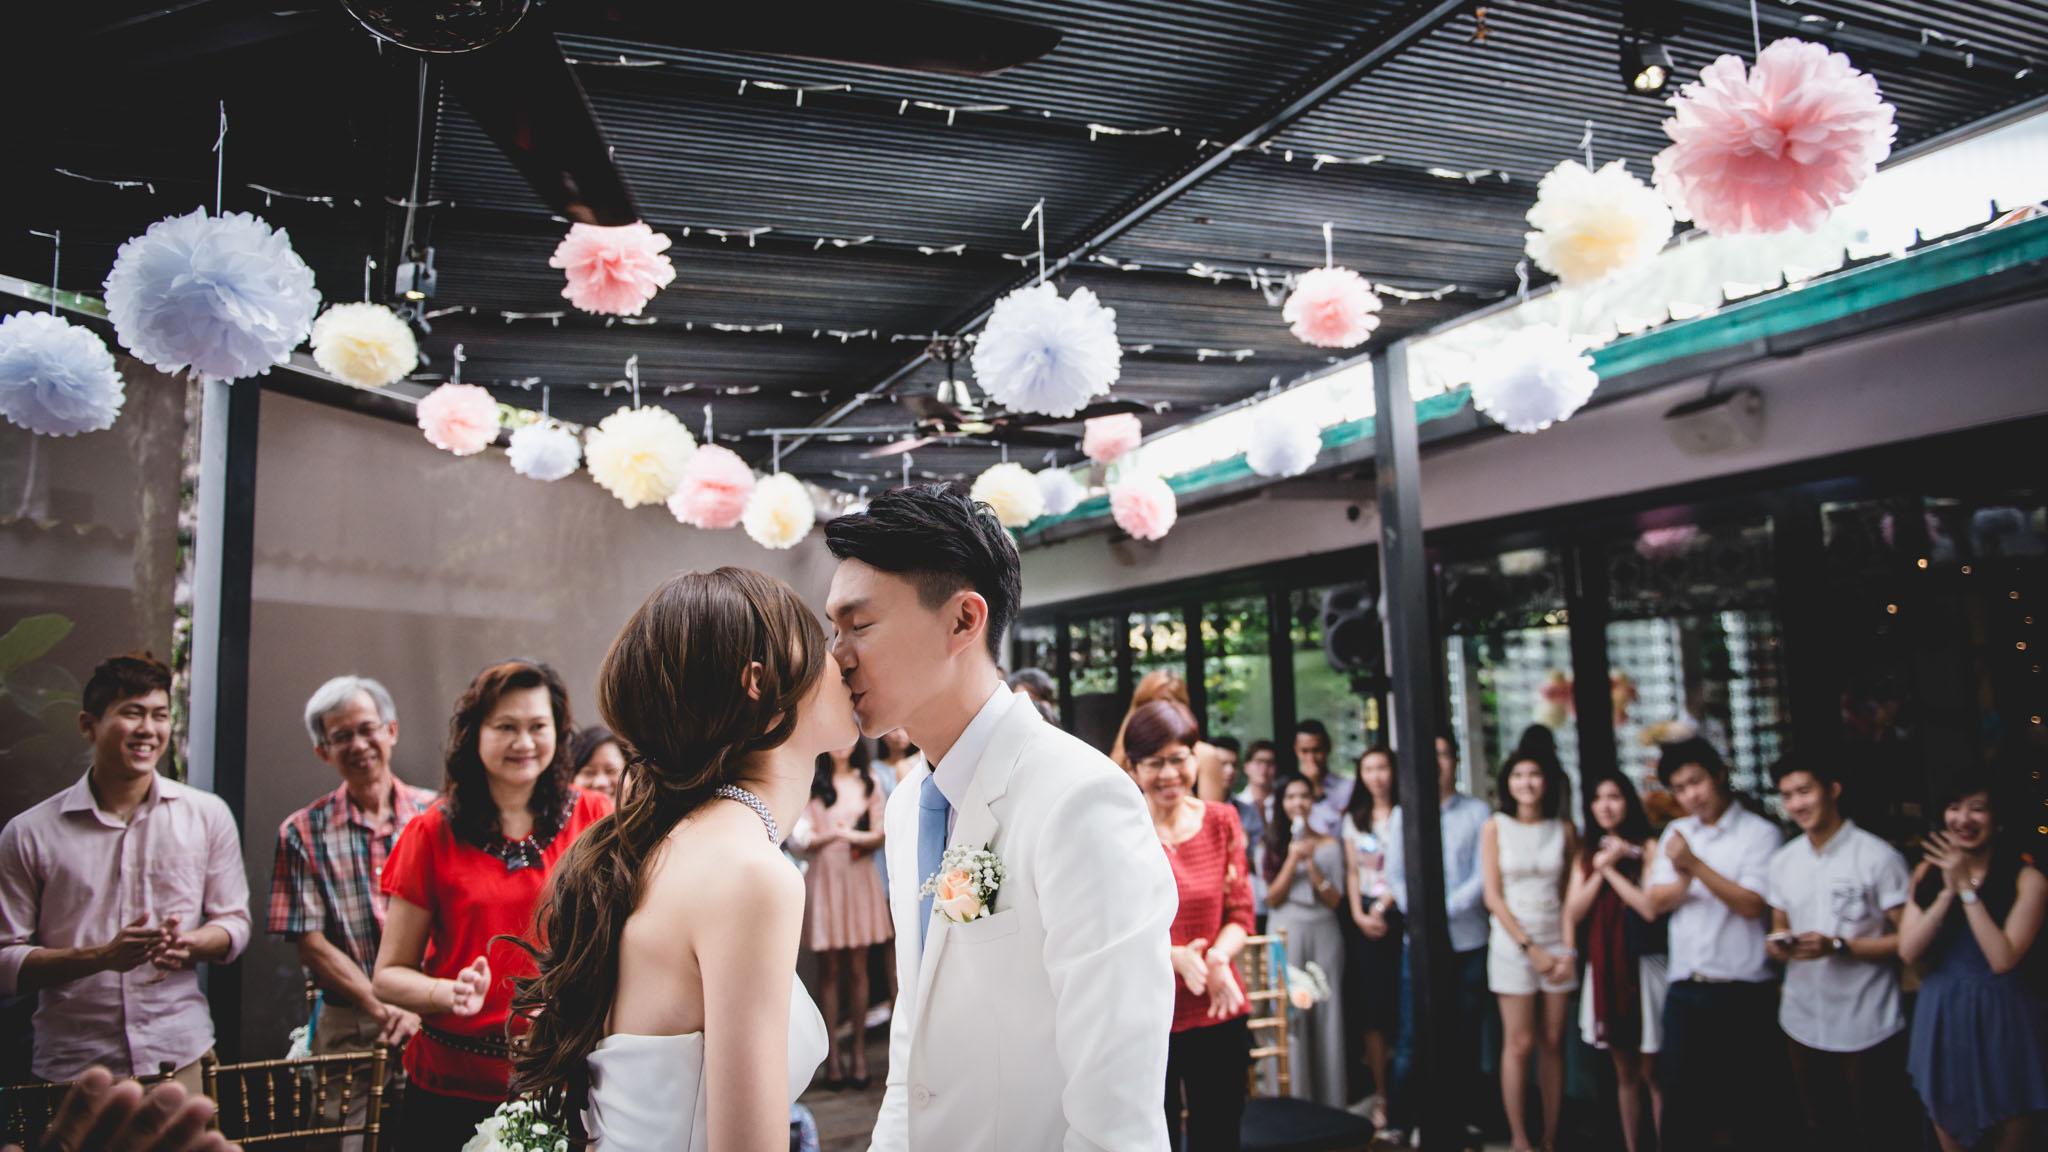 Wedding skyve 41.JPG